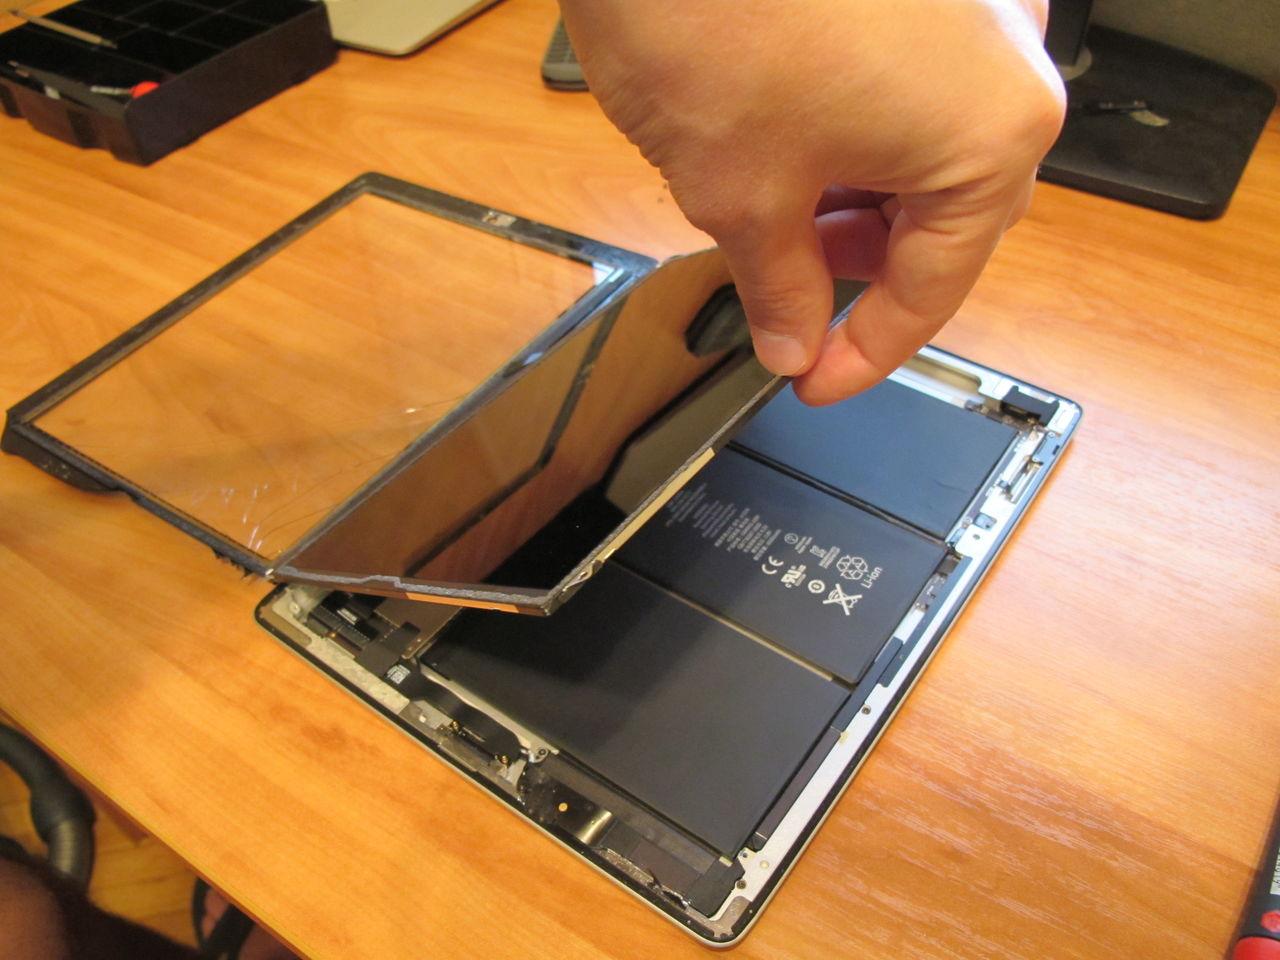 Замена стекла на планшетном компьютере ремонт линии городского телефона в санкт-петербурге